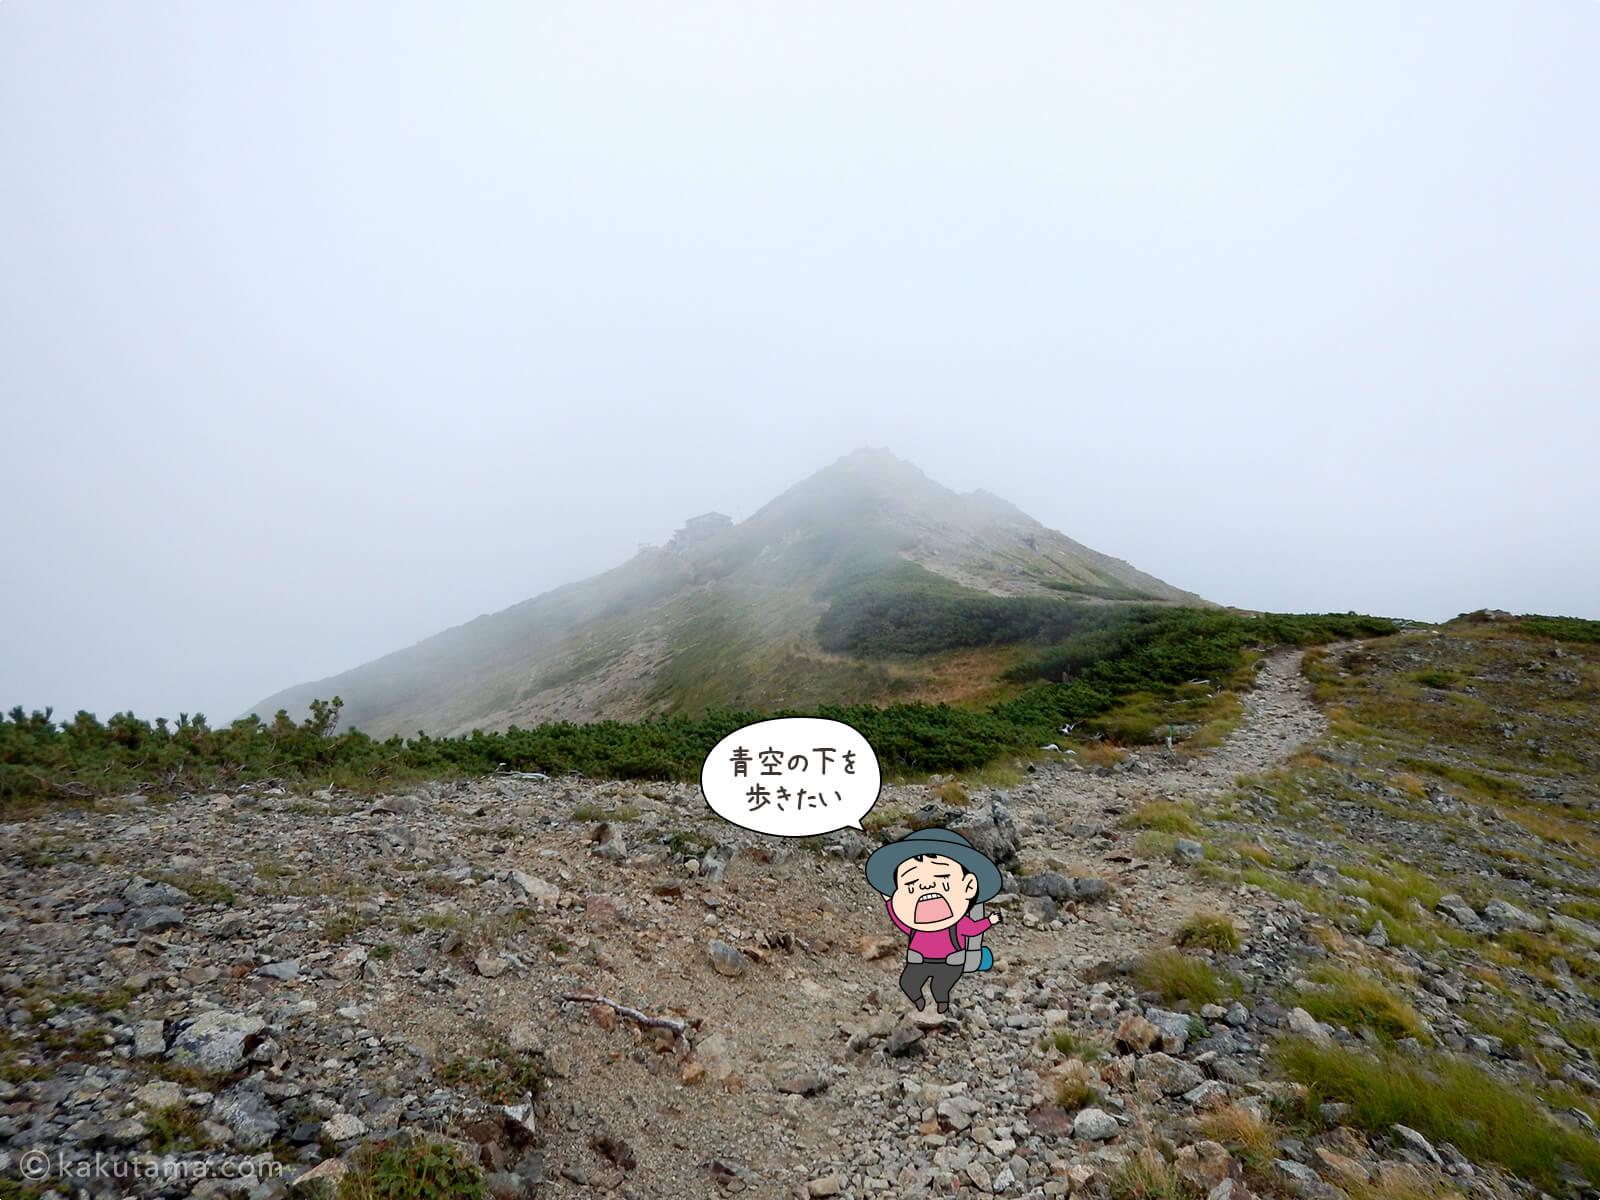 ガスった水晶岳から水晶小屋までの登山道4